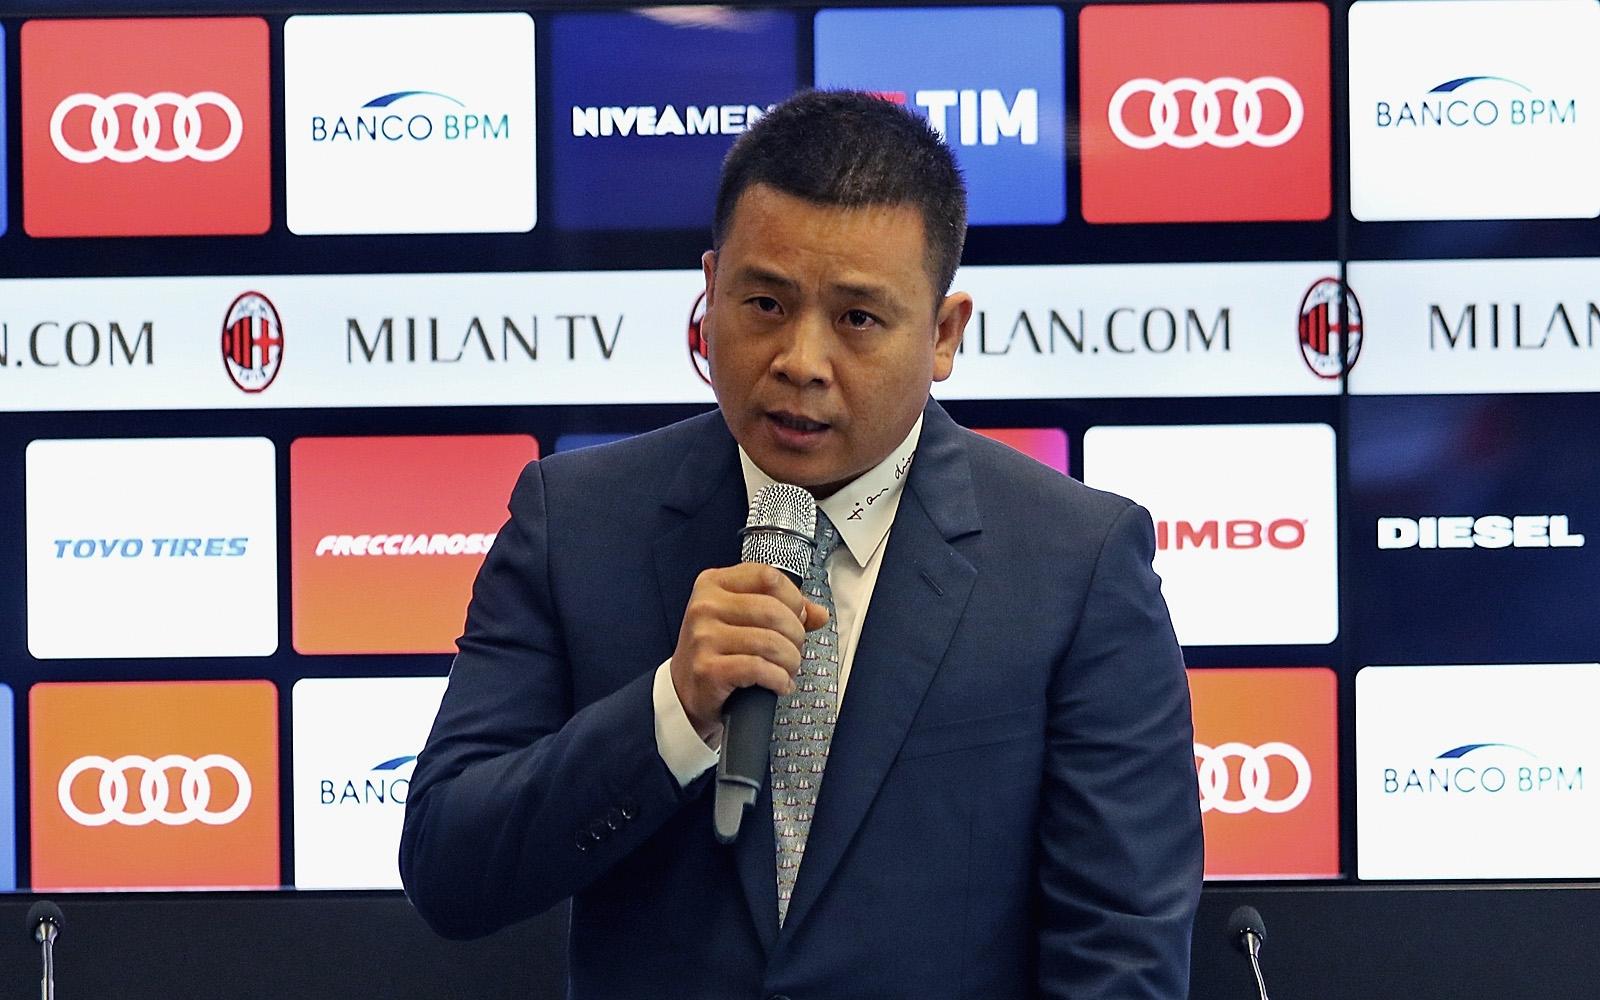 Роберто Фабричини, един от главните хора в италианската футболна федерация,